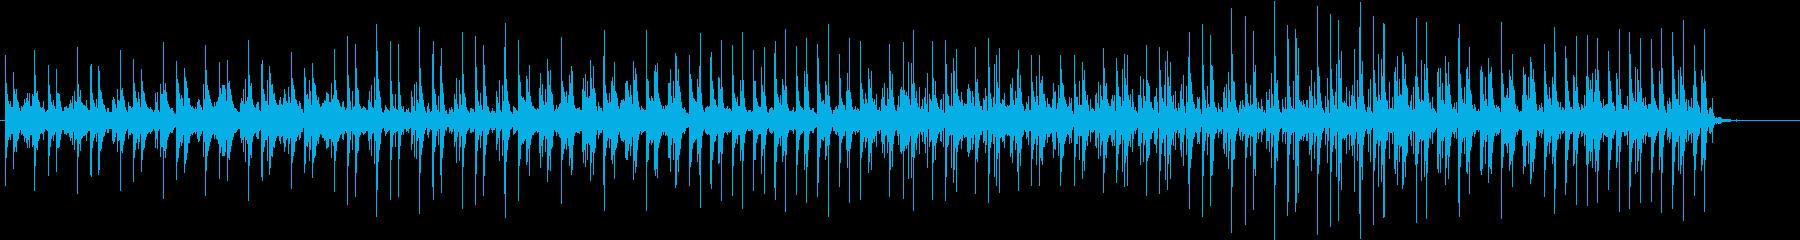 考え中、シンキングタイム用のBGMの再生済みの波形